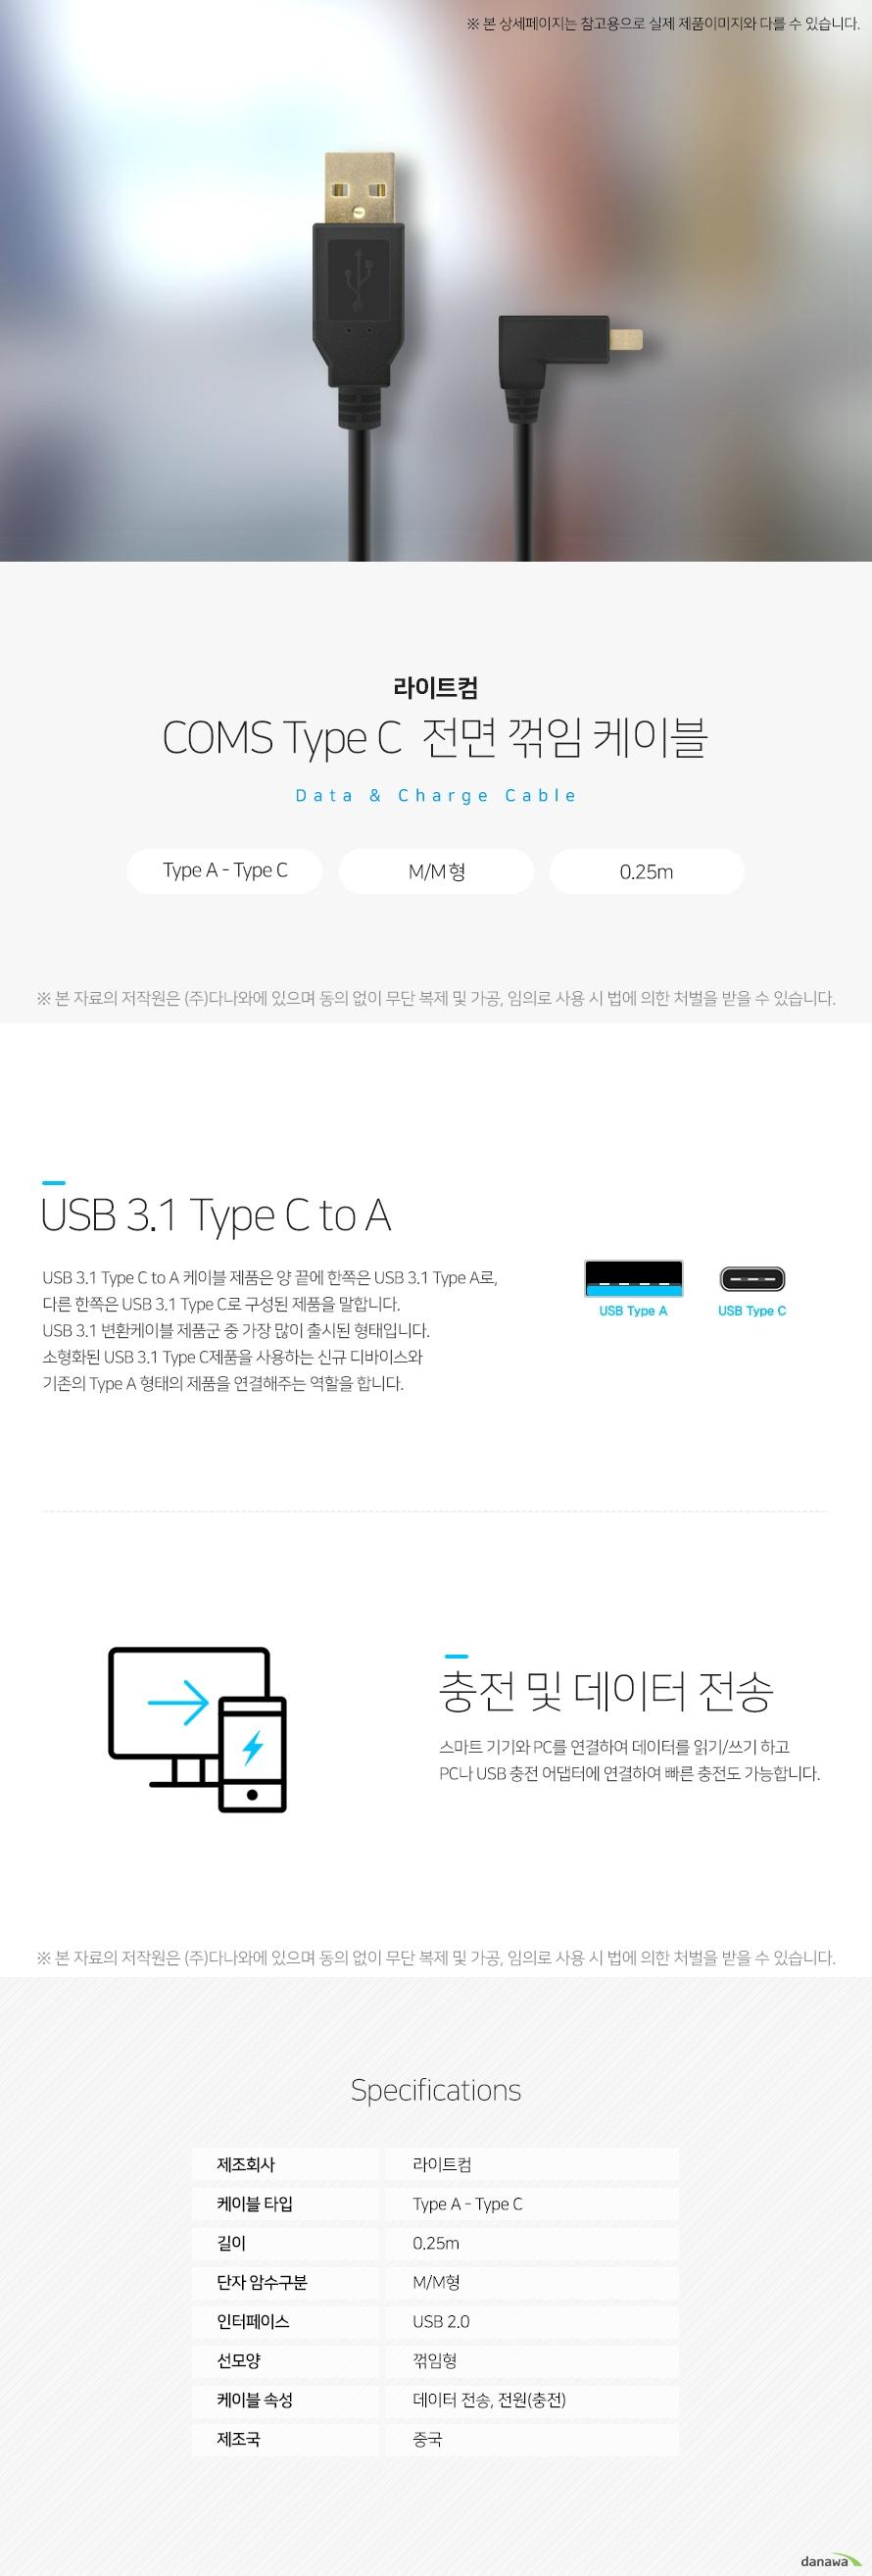 라이트컴 COMS Type C  측면 꺾임 케이블 Data  Charge Cable USB 3.1 Type C to A USB 3.1 Type C to A 케이블 제품은 양 끝에 한쪽은 USB 3.1 Type A로,  다른 한쪽은 USB 3.1 Type C로 구성된 제품을 말합니다.  USB 3.1 변환케이블 제품군 중 가장 많이 출시된 형태입니다.  소형화된 USB 3.1 Type C제품을 사용하는 신규 디바이스와  기존의 Type A 형태의 제품을 연결해주는 역할을 합니다. 충전 및 데이터 전송 스마트 기기와 PC를 연결하여 데이터를 읽기/쓰기 하고 PC나 USB 충전 어댑터에 연결하여 빠른 충전도 가능합니다.